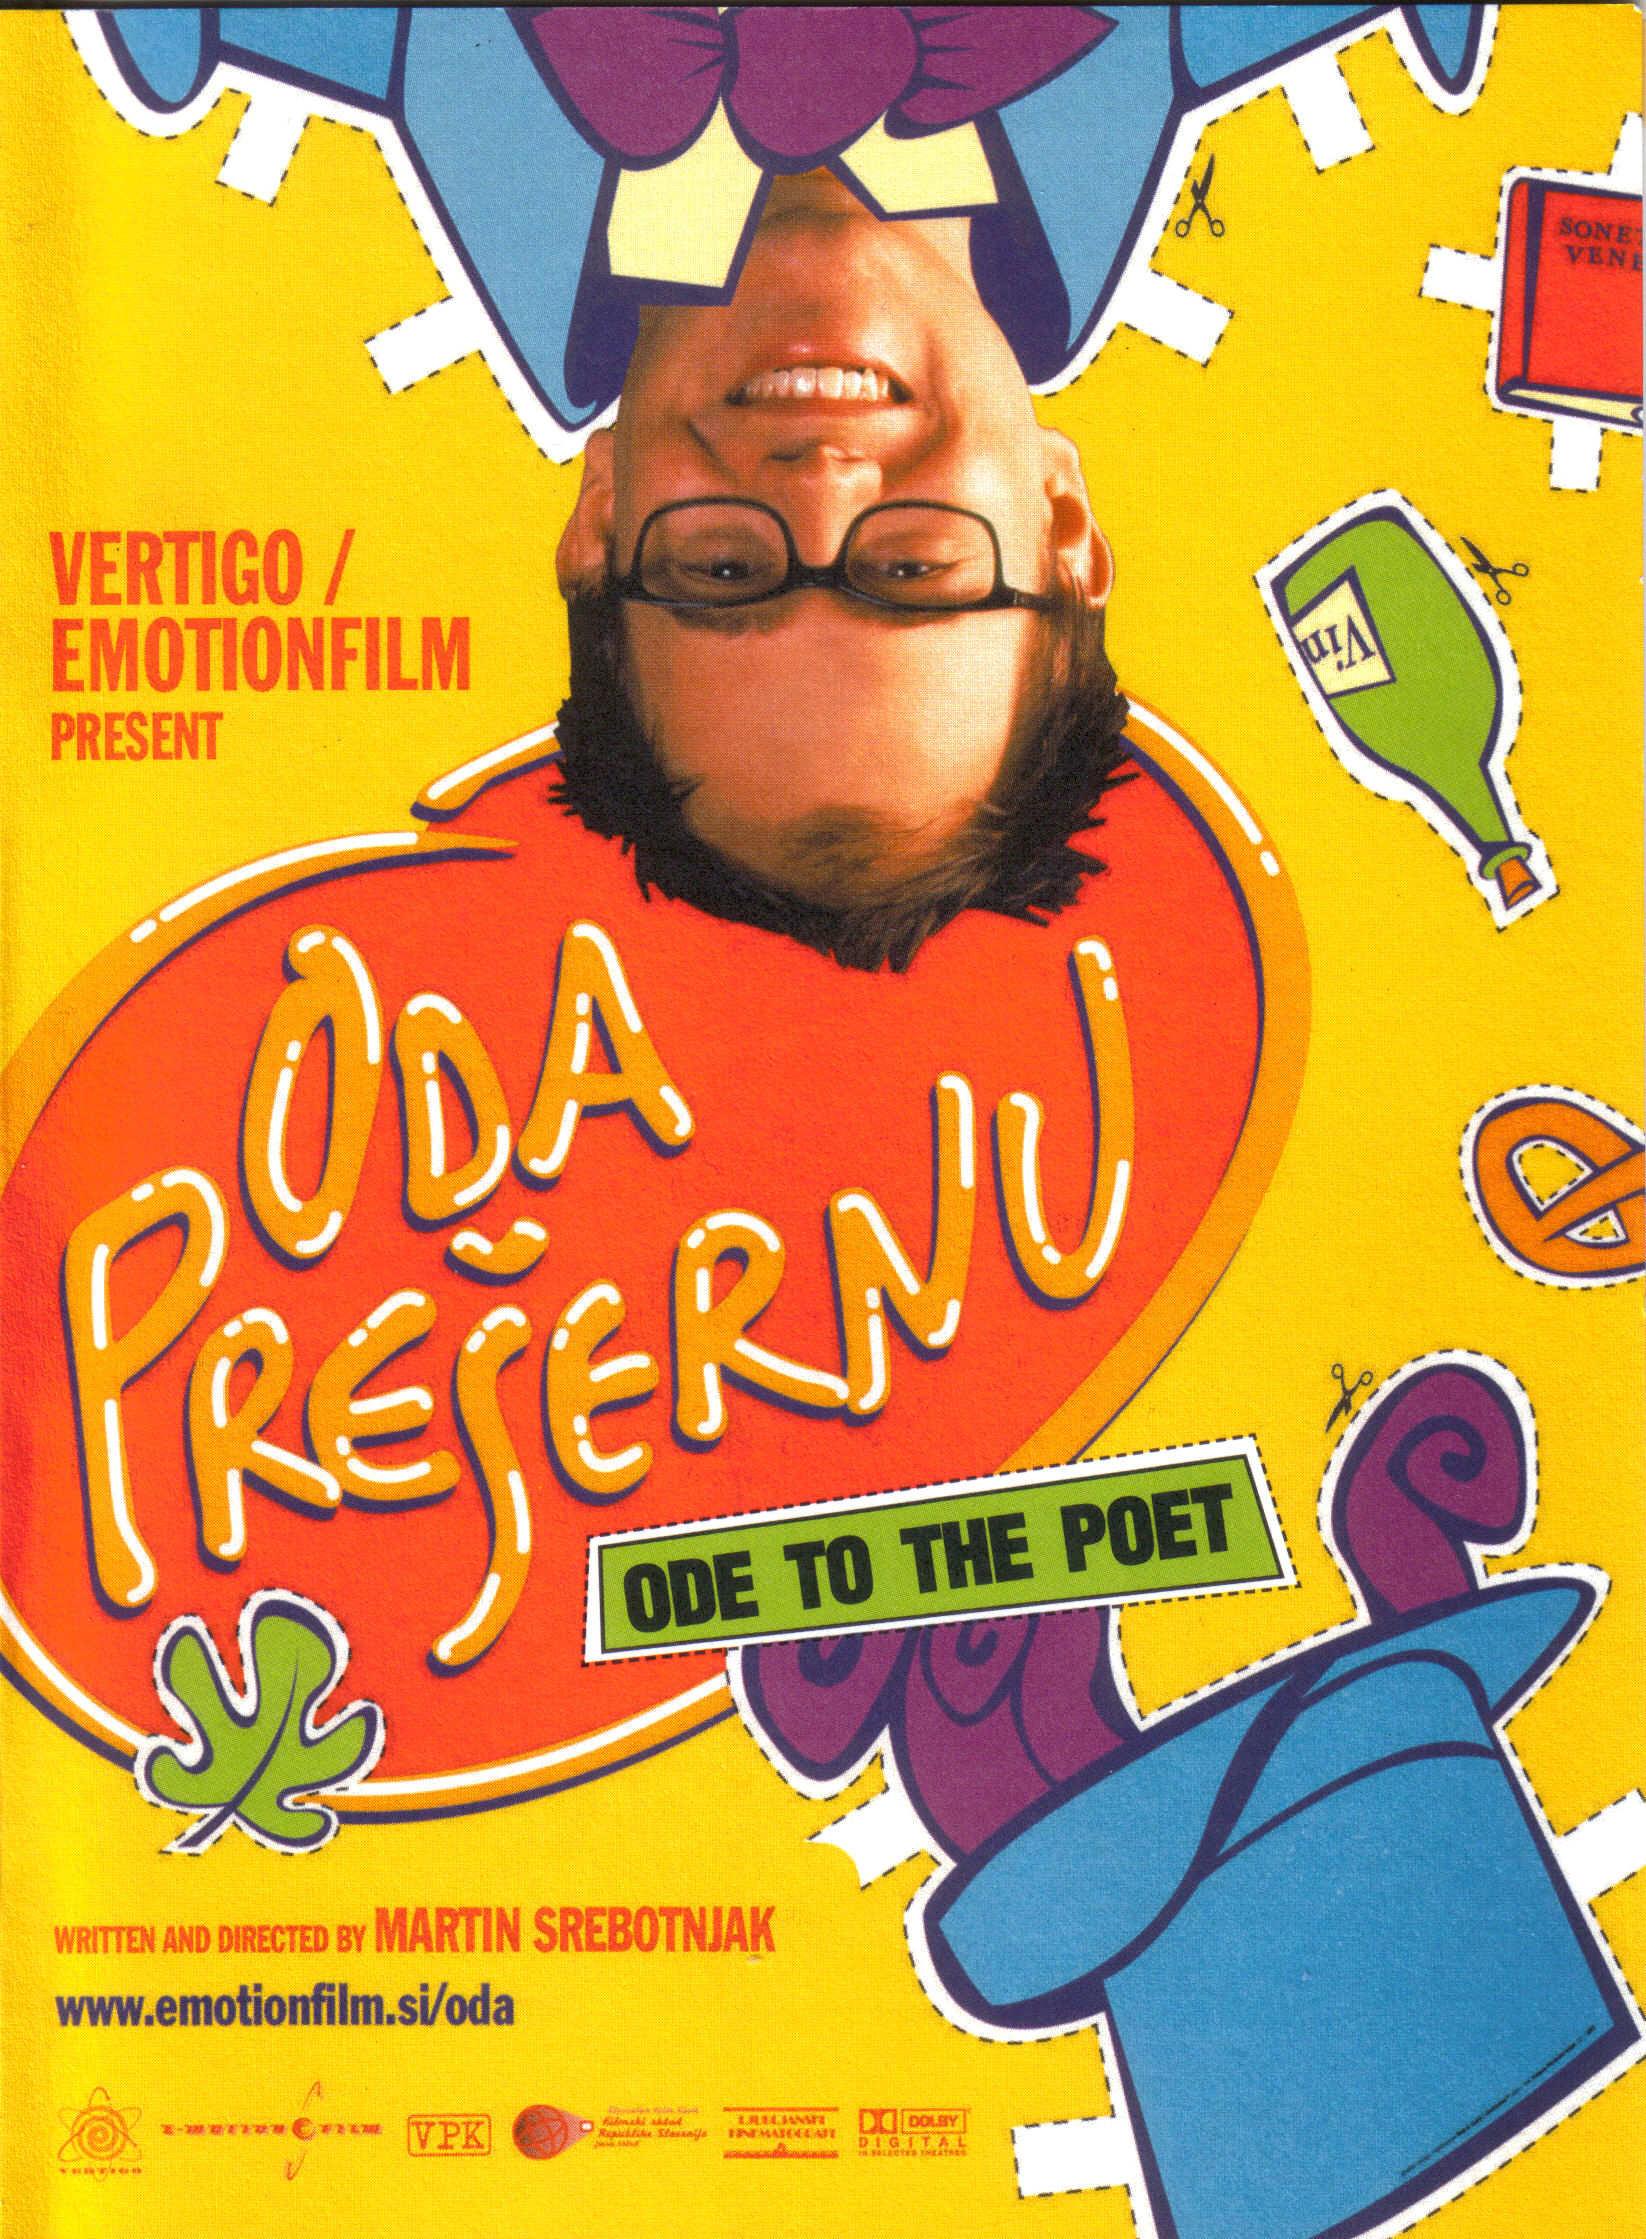 Oda Presernu (2001)